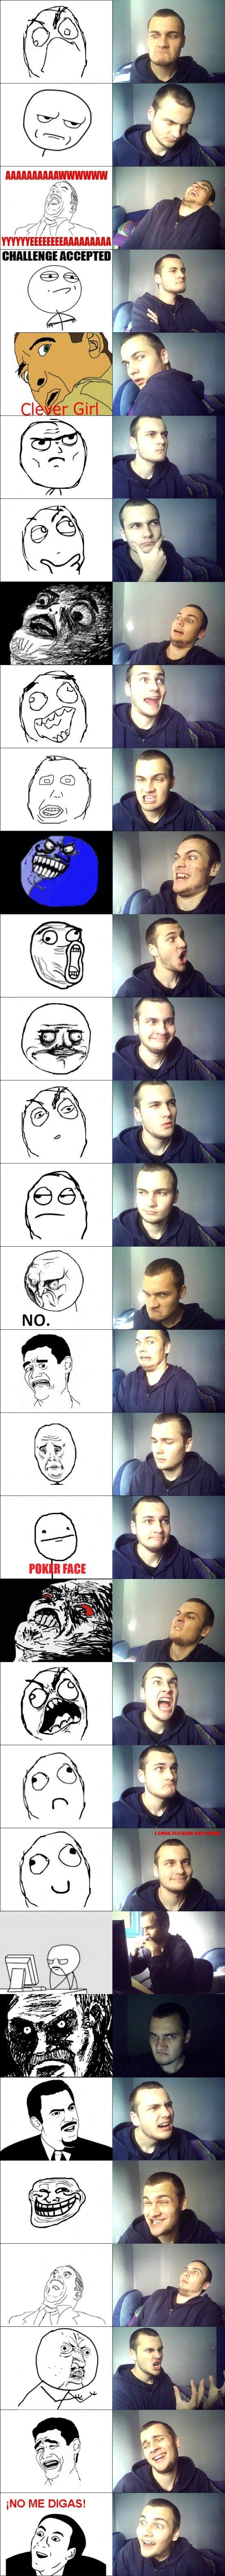 Otra recopilación de caras imitando a memes